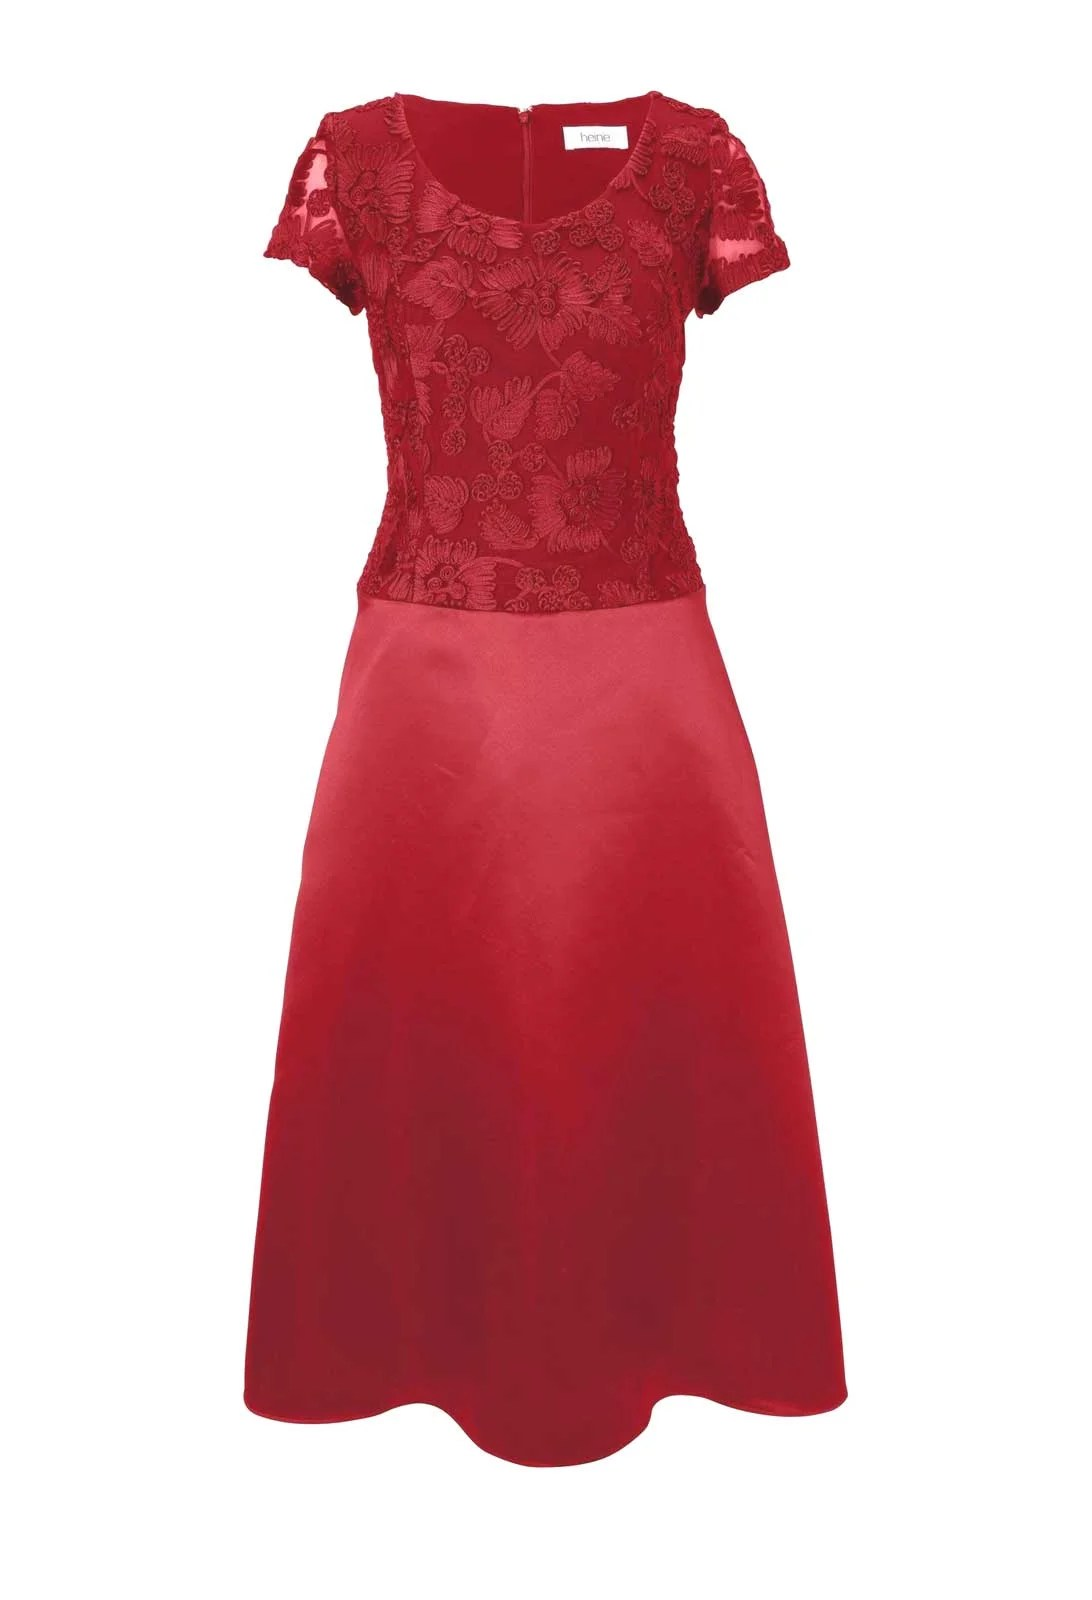 abendkleider in übergrößen Cocktailkleid mit Spitze, rot 332.497 Missforty